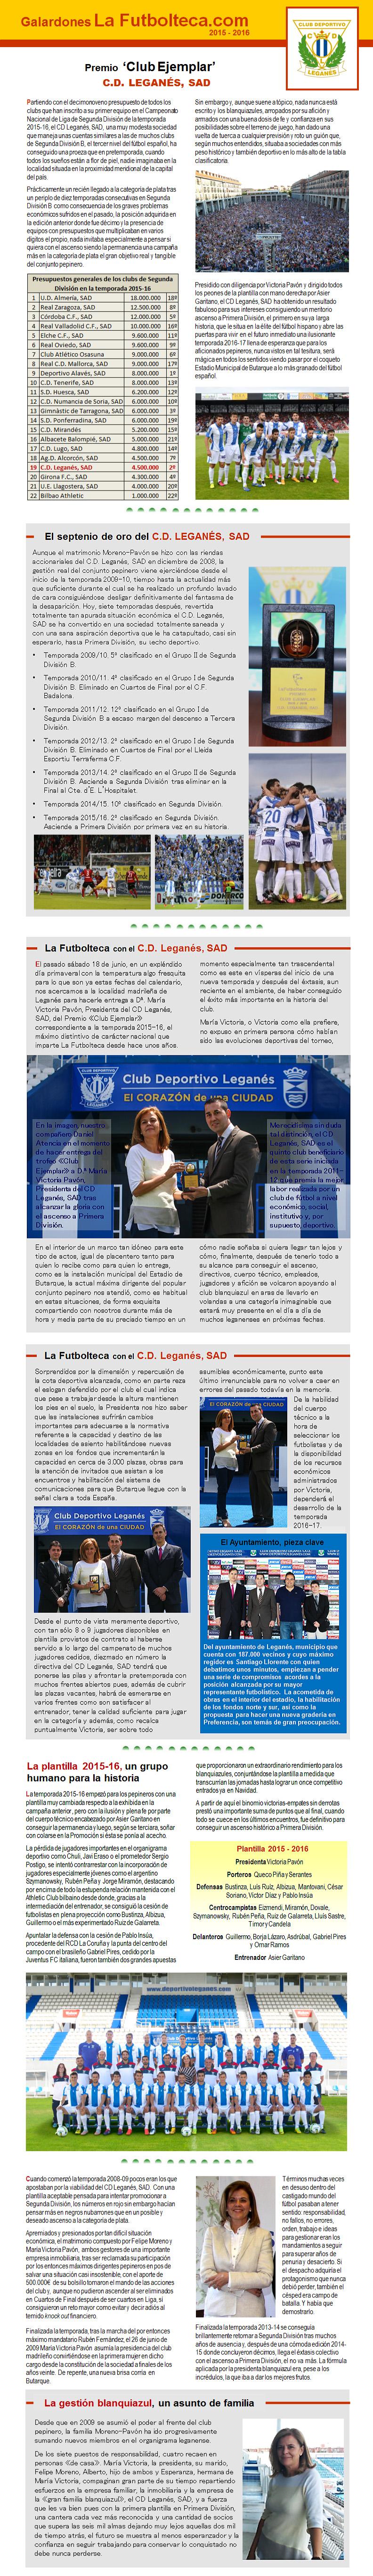 Premio Club Ejemplar La Futbolteca 2016